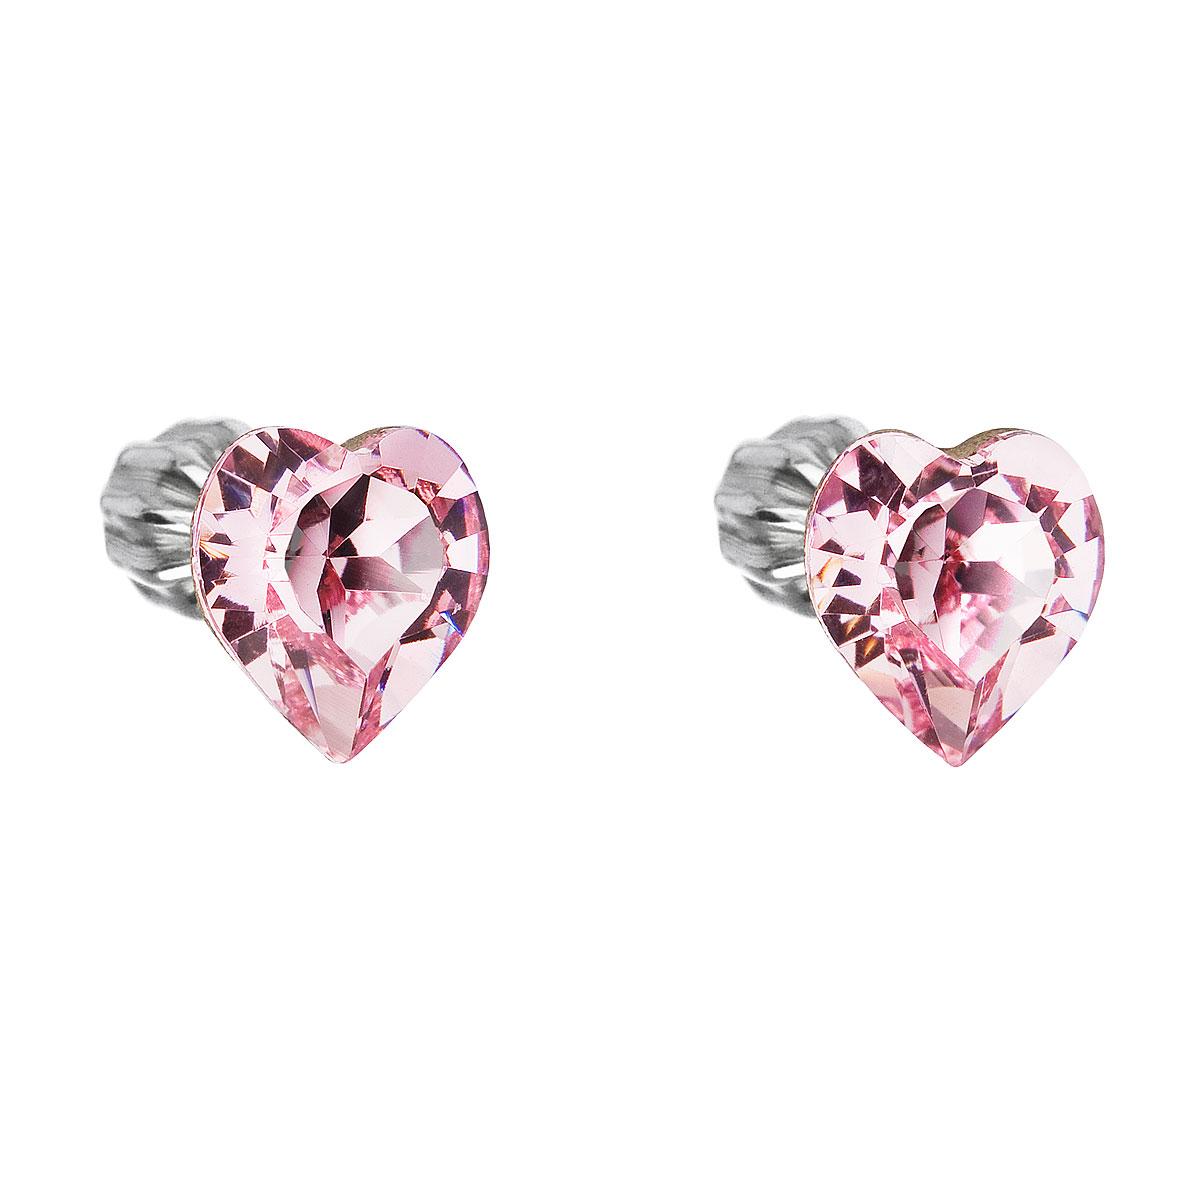 Strieborné náušnice kôstka s krištáľmi Swarovski ružové srdce 31139.3